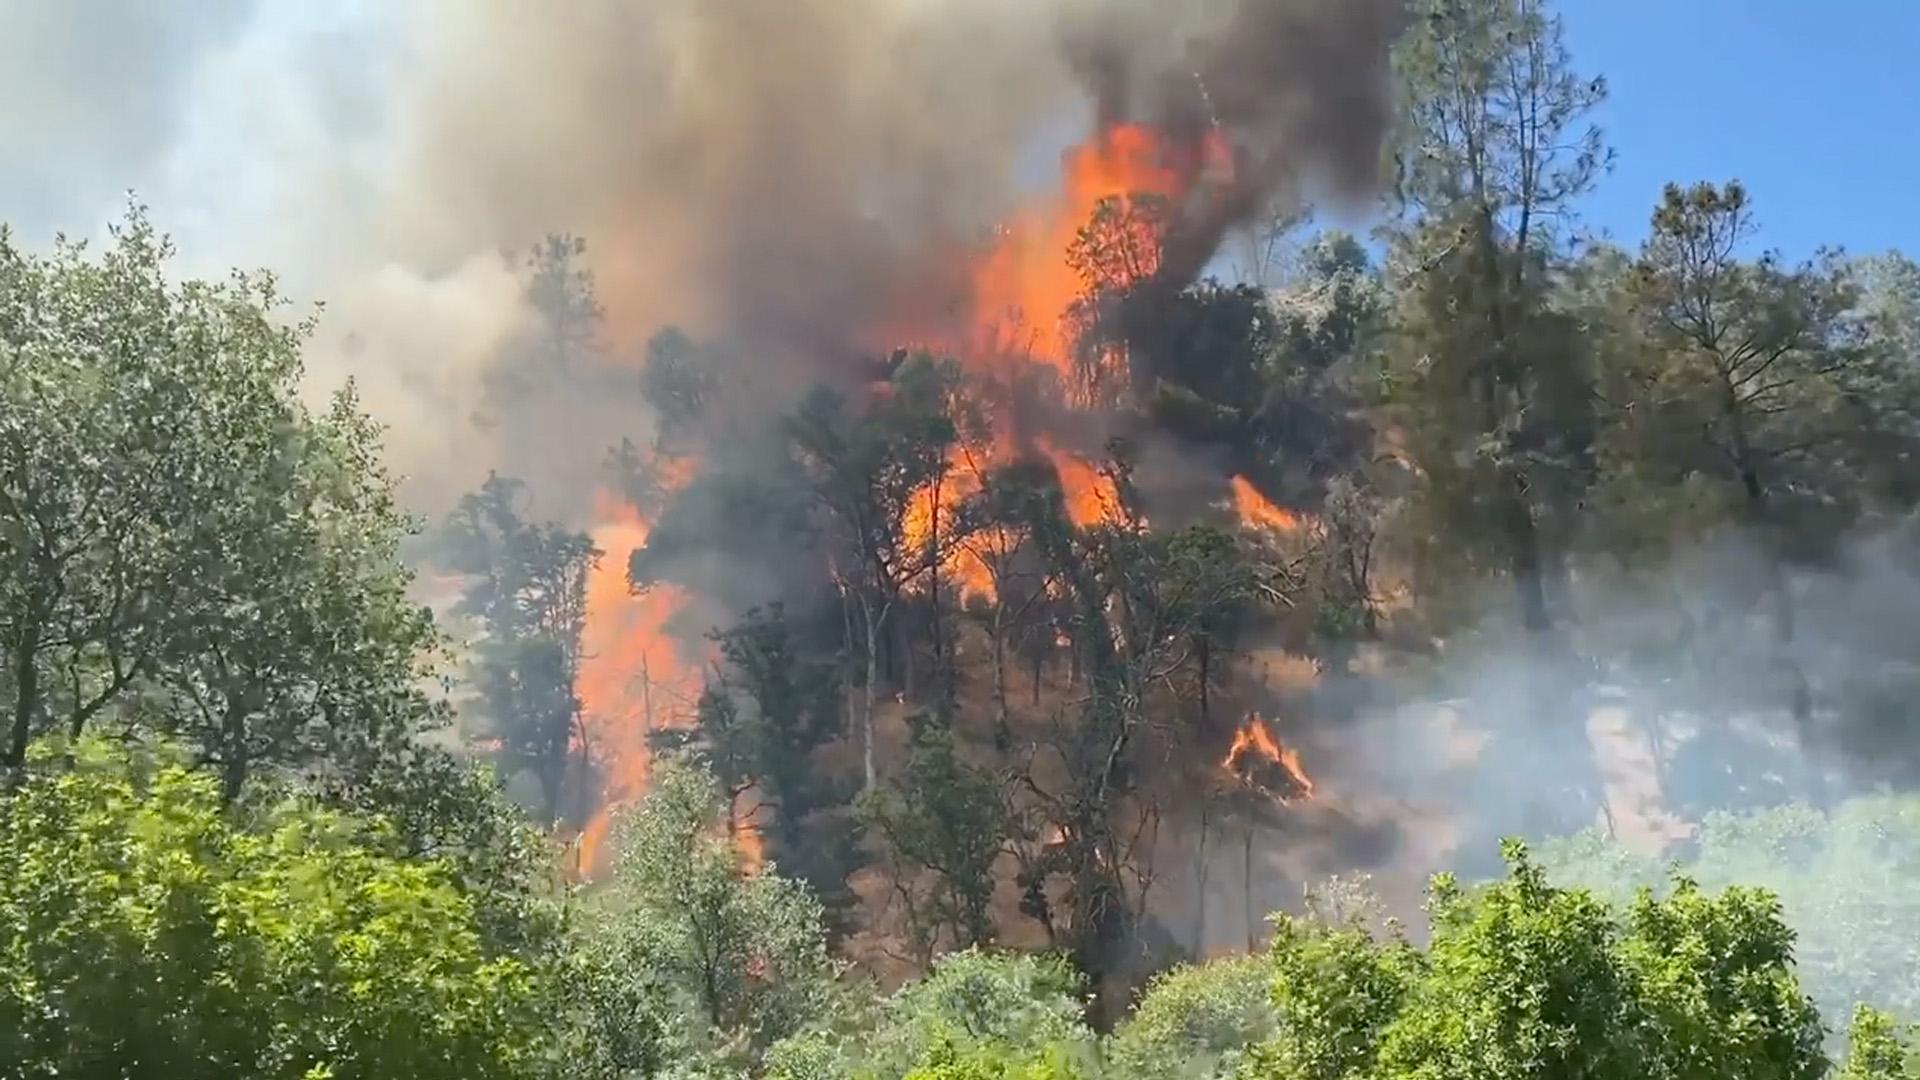 Fire on Oak Rd in the Yaqui Gulch area